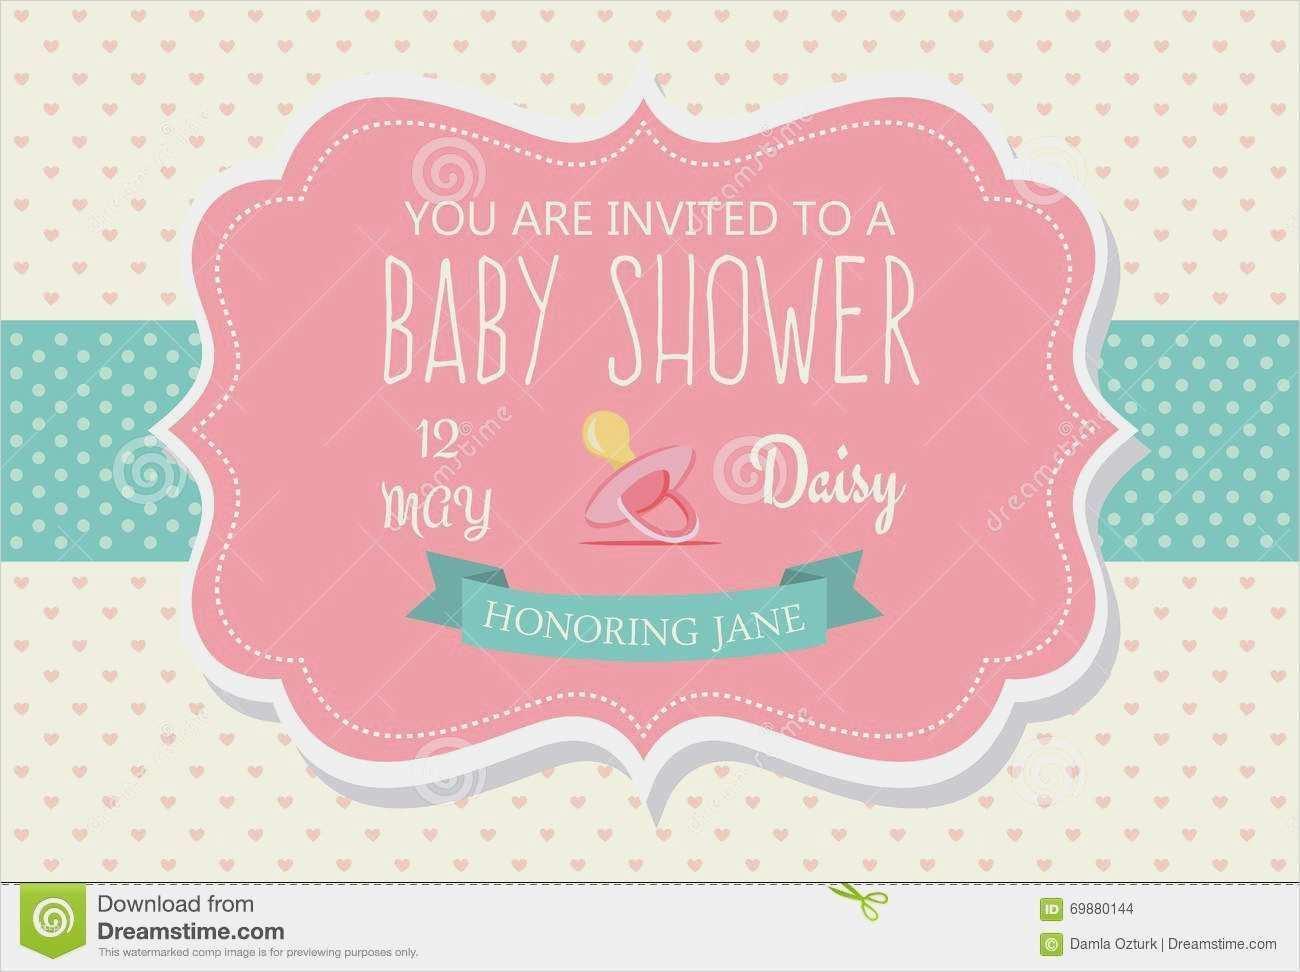 Gut Vorlage Einladung Babyparty Kostenlos Bilder Geschenkgutschein Vorlage Einladungen Vorlagen